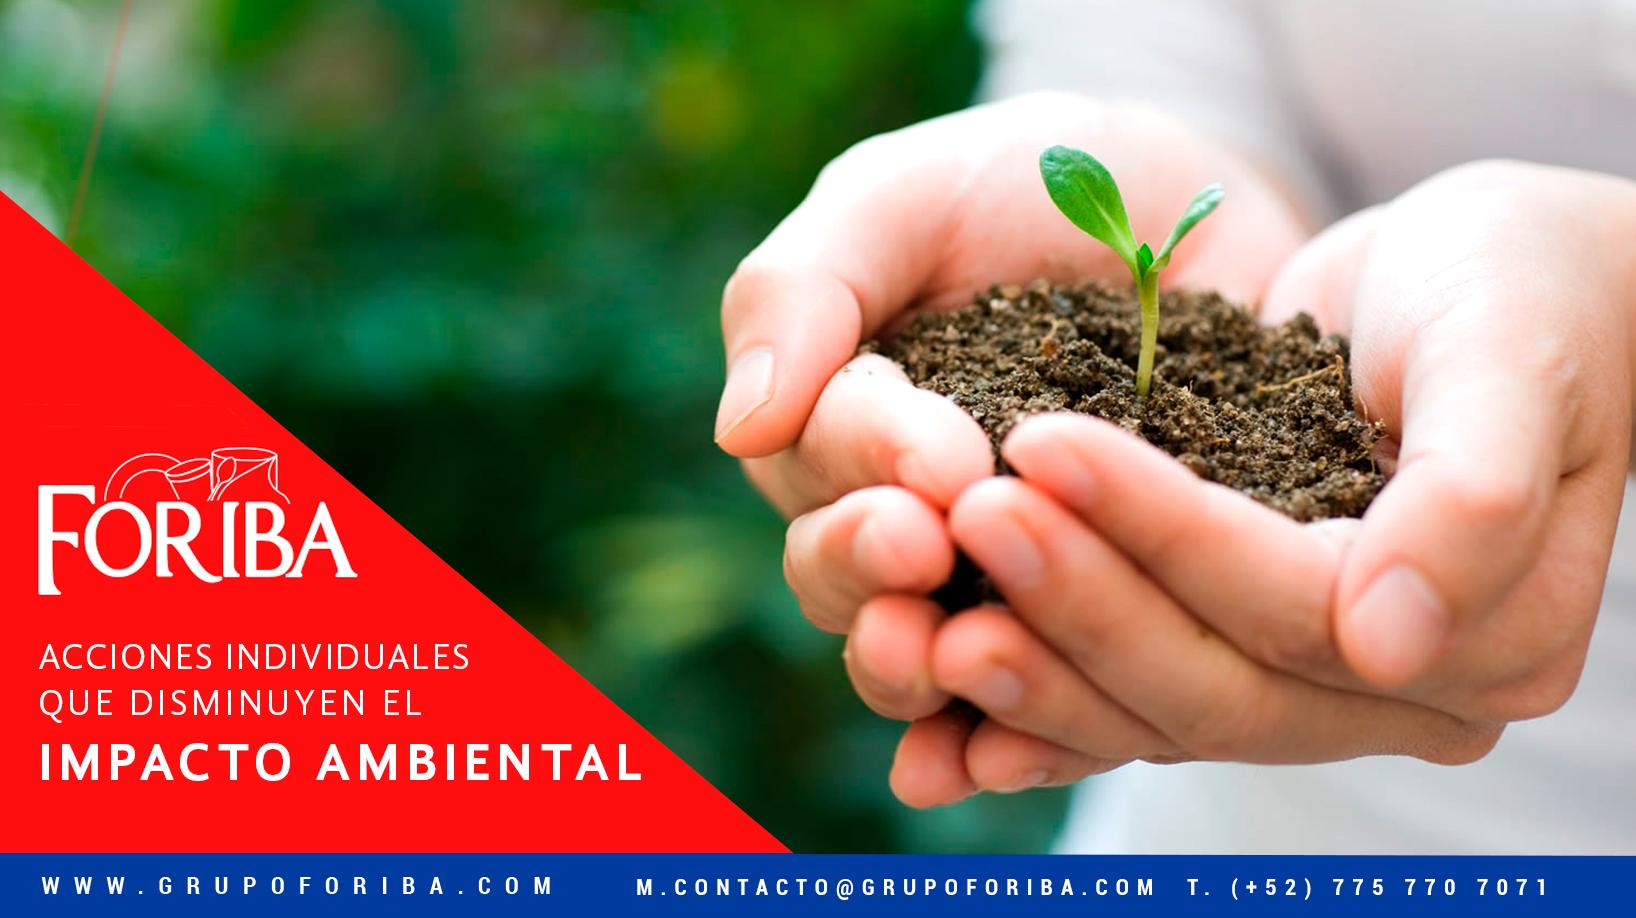 Te compartimos algunos acciones que ayudan a reducir el impacto de la contaminación en tu vida cotidiana.